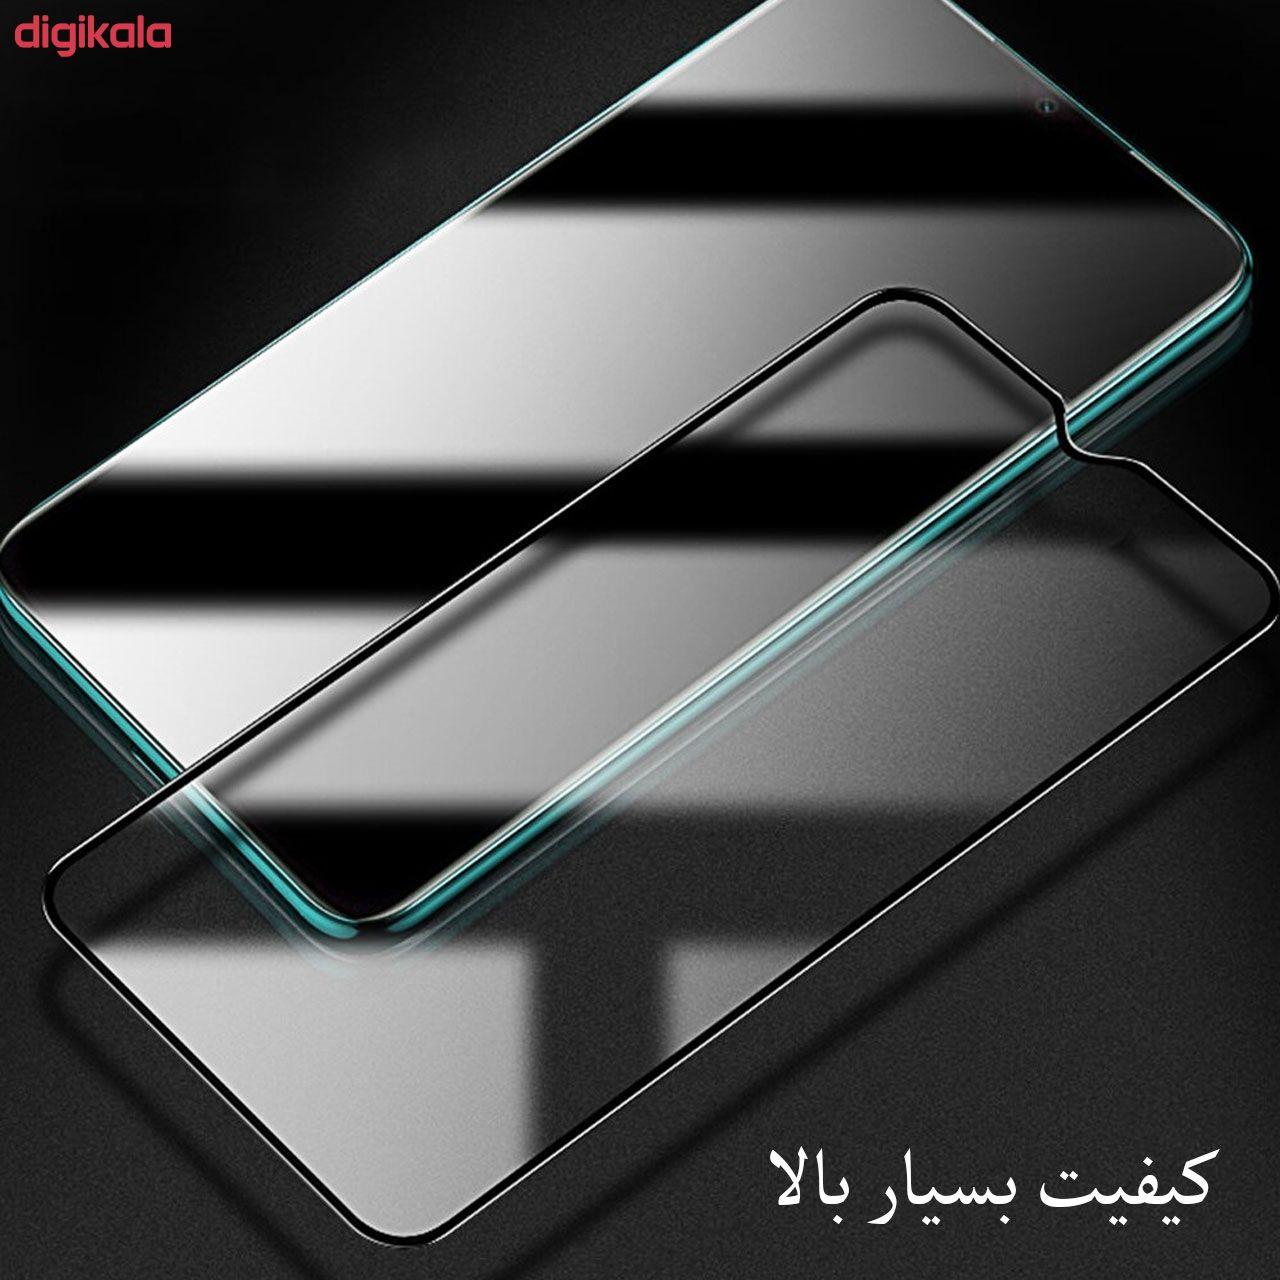 محافظ صفحه نمایش مدل FCG مناسب برای گوشی موبایل شیائومی Redmi Note 8 Pro main 1 6